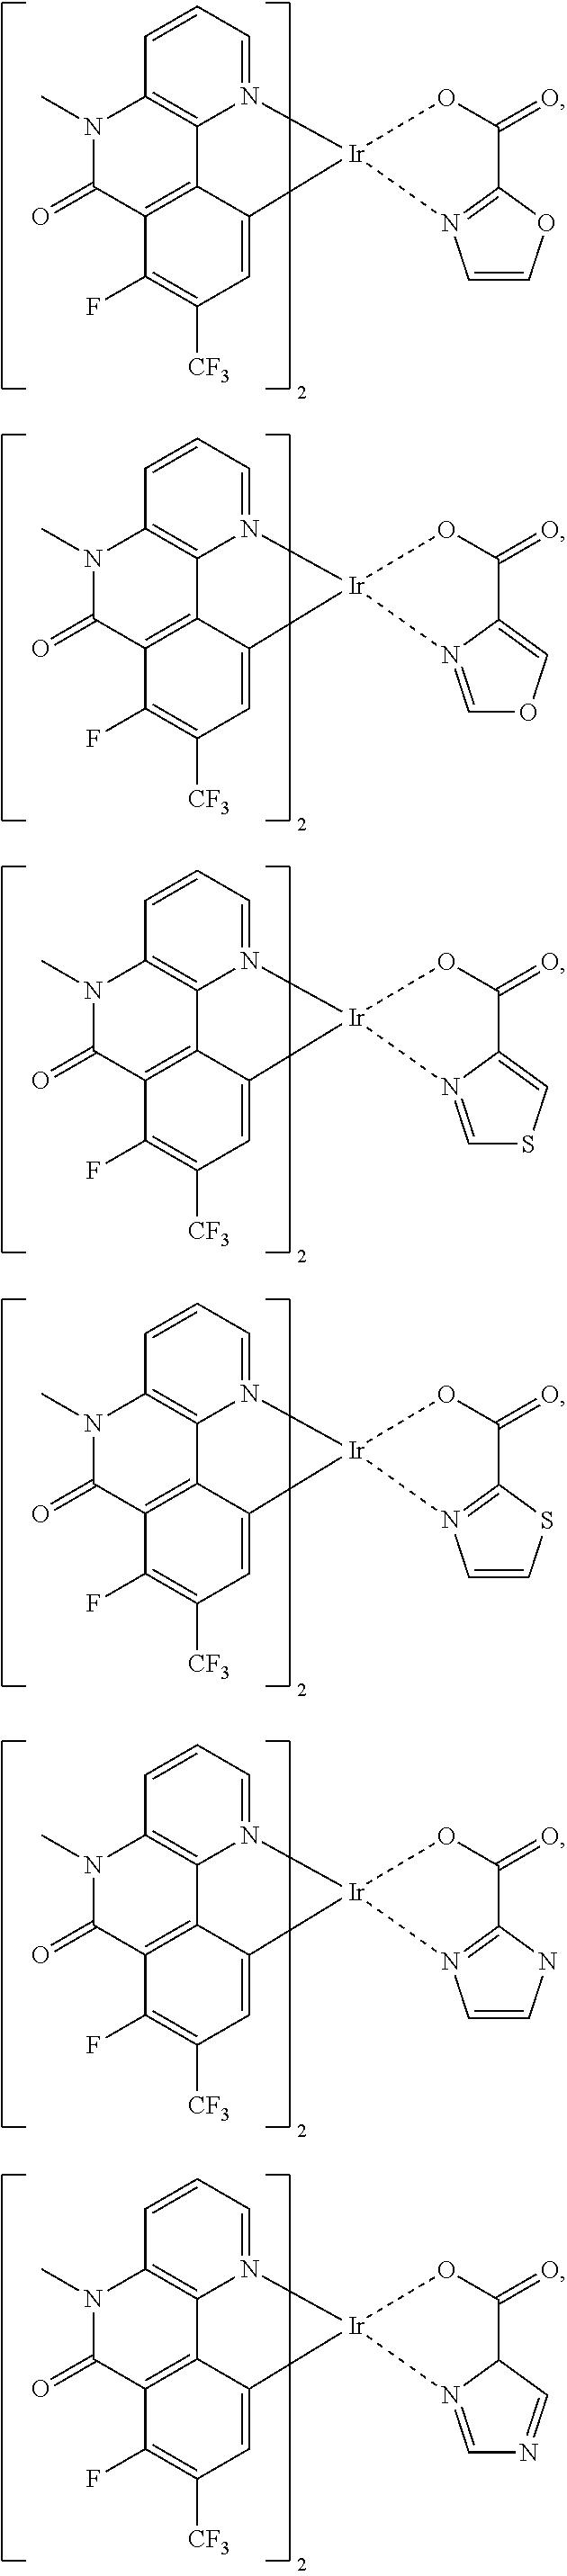 Figure US09634266-20170425-C00021